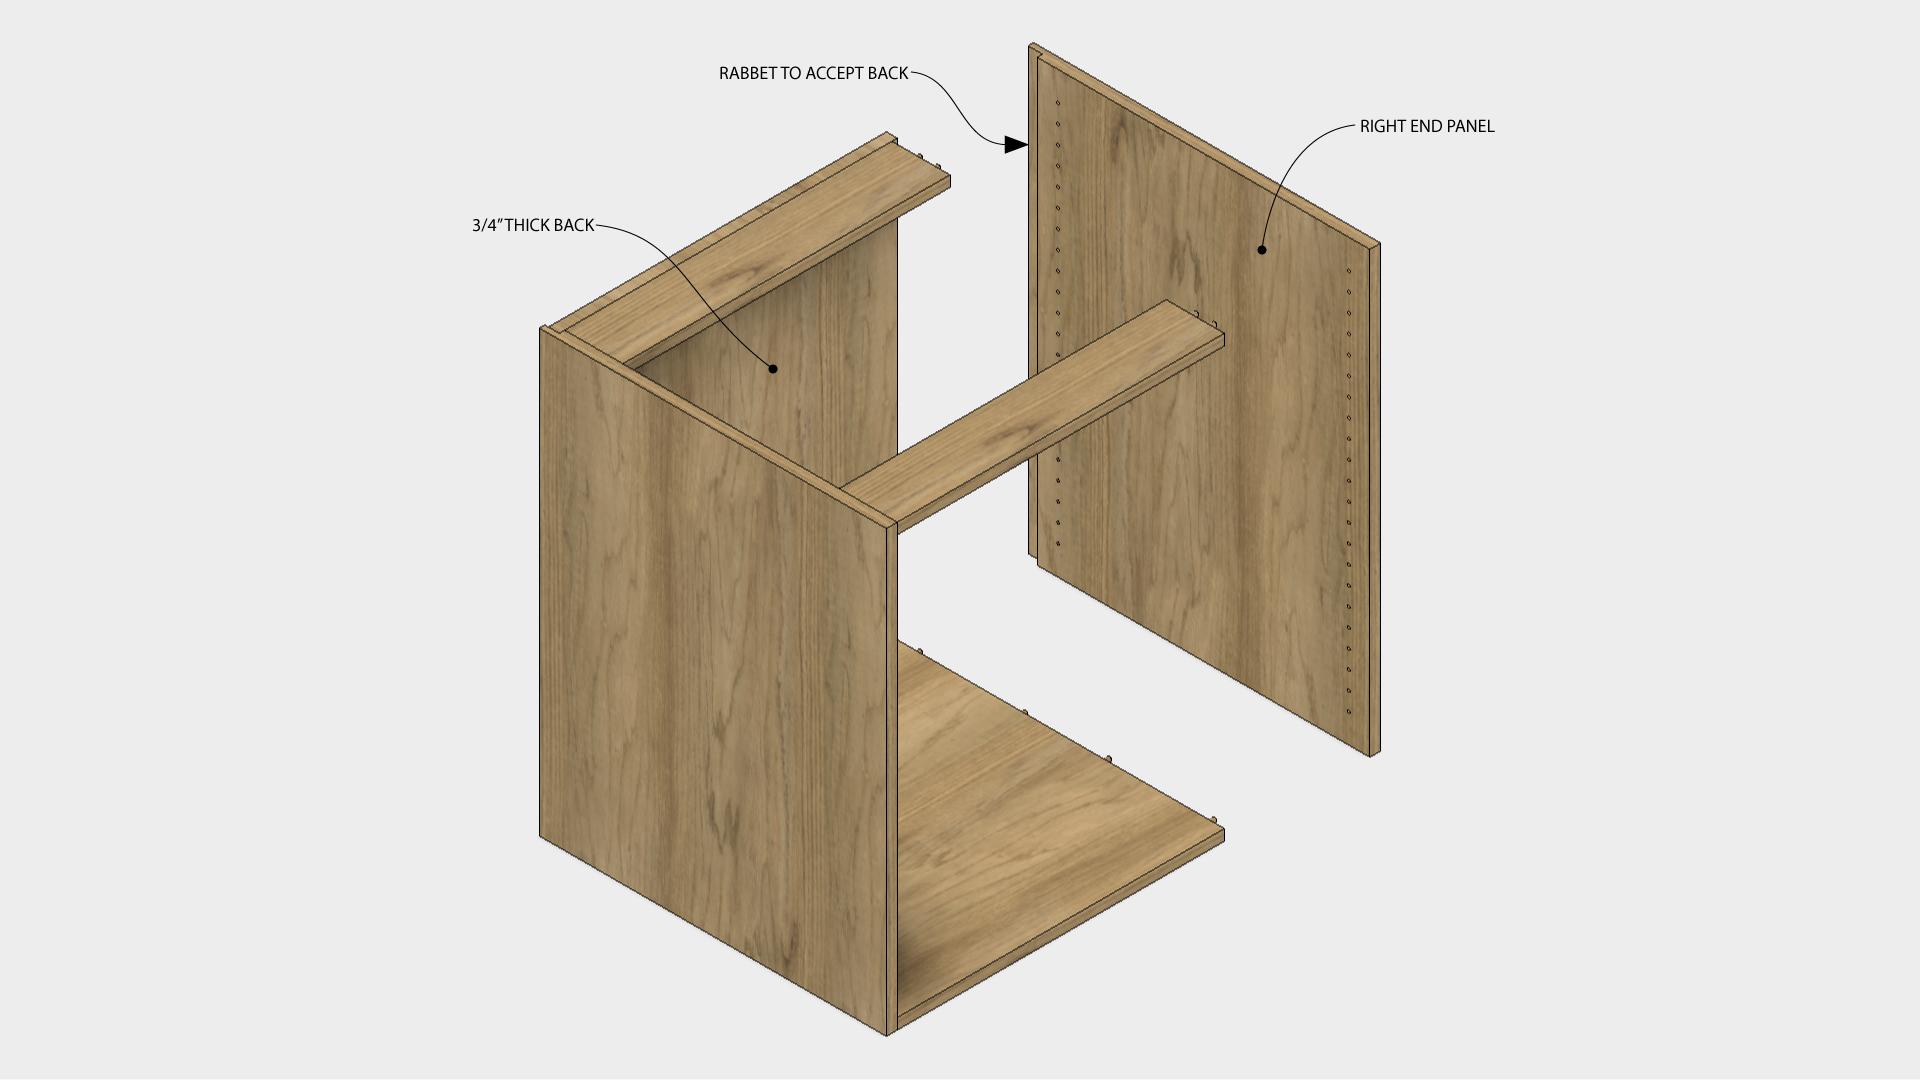 How To Make Backs For Frameless Cabinets